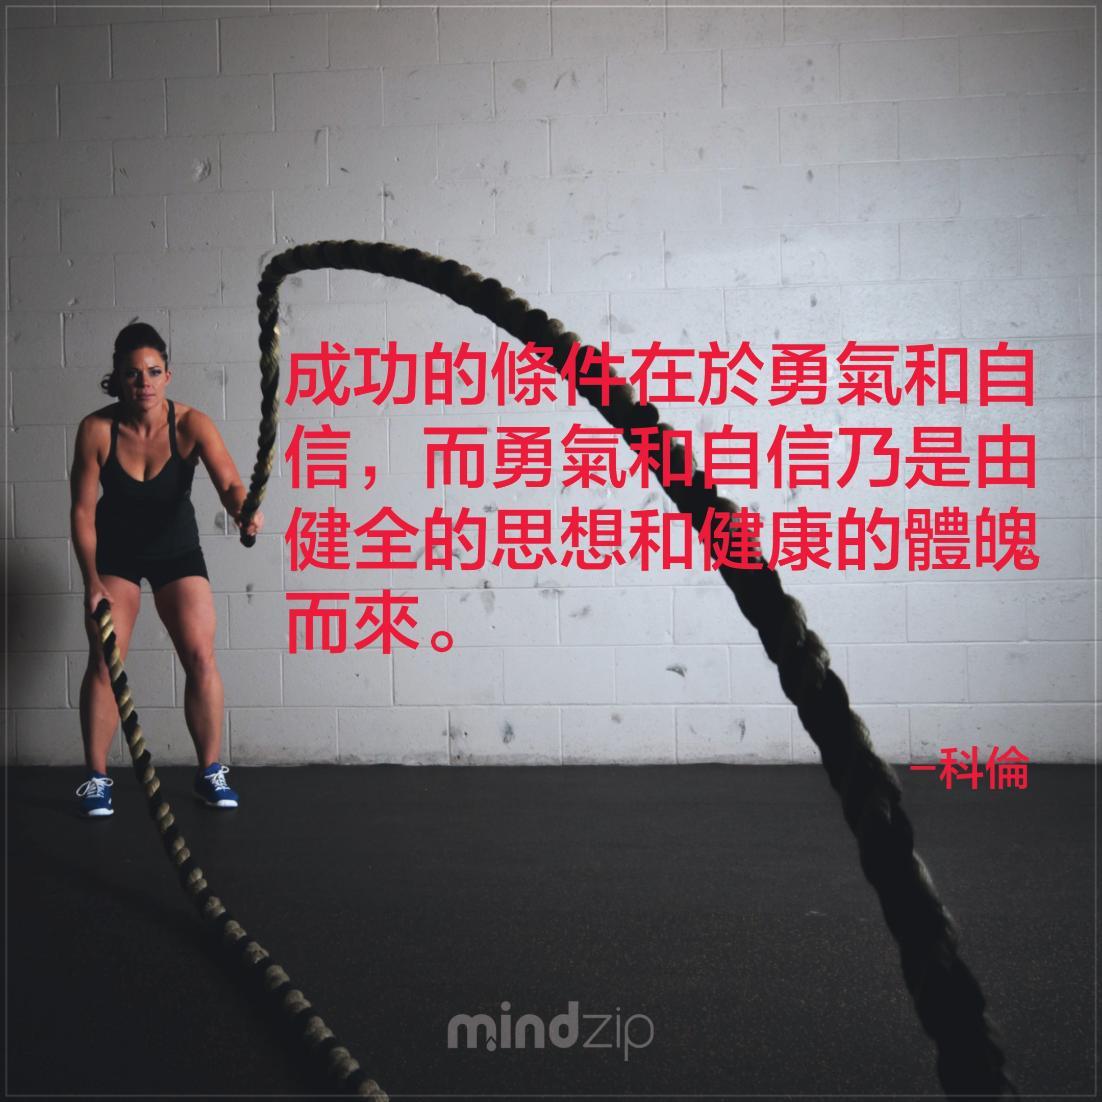 基本條件有了才能夠讓你更勇敢自信,相信你通往成功的道路中也是如此健康,有想法,自信而且有勇氣。 標記3個在成功道路上努力不懈的朋友! https://get.mindzip.net #科倫 #語錄 #語錄分享 #成功 #激勵人心 #生活 #勇氣 #自信 #思想 #想法 #健康 #人生 #正面能量 #每日一句 #CitaPix #MindZip